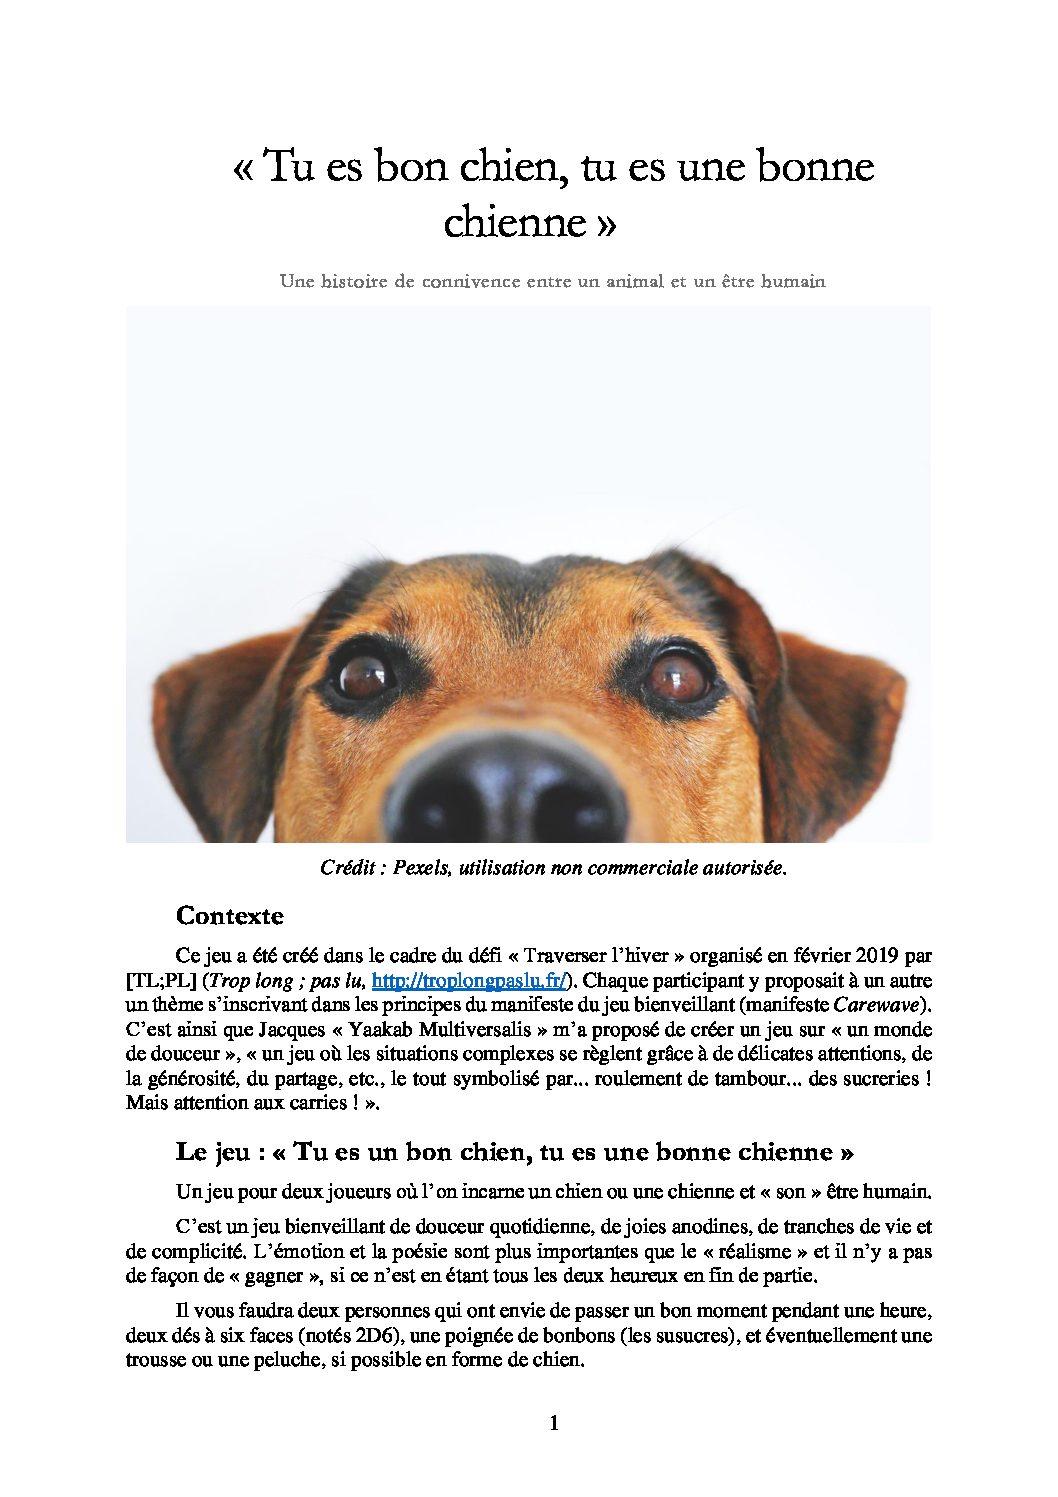 Jeu de rôle court : « Tu es un bon chien, tu es une bonne chienne » – Une histoire de connivence entre un animal et un être humain par Qui Revient De Loin